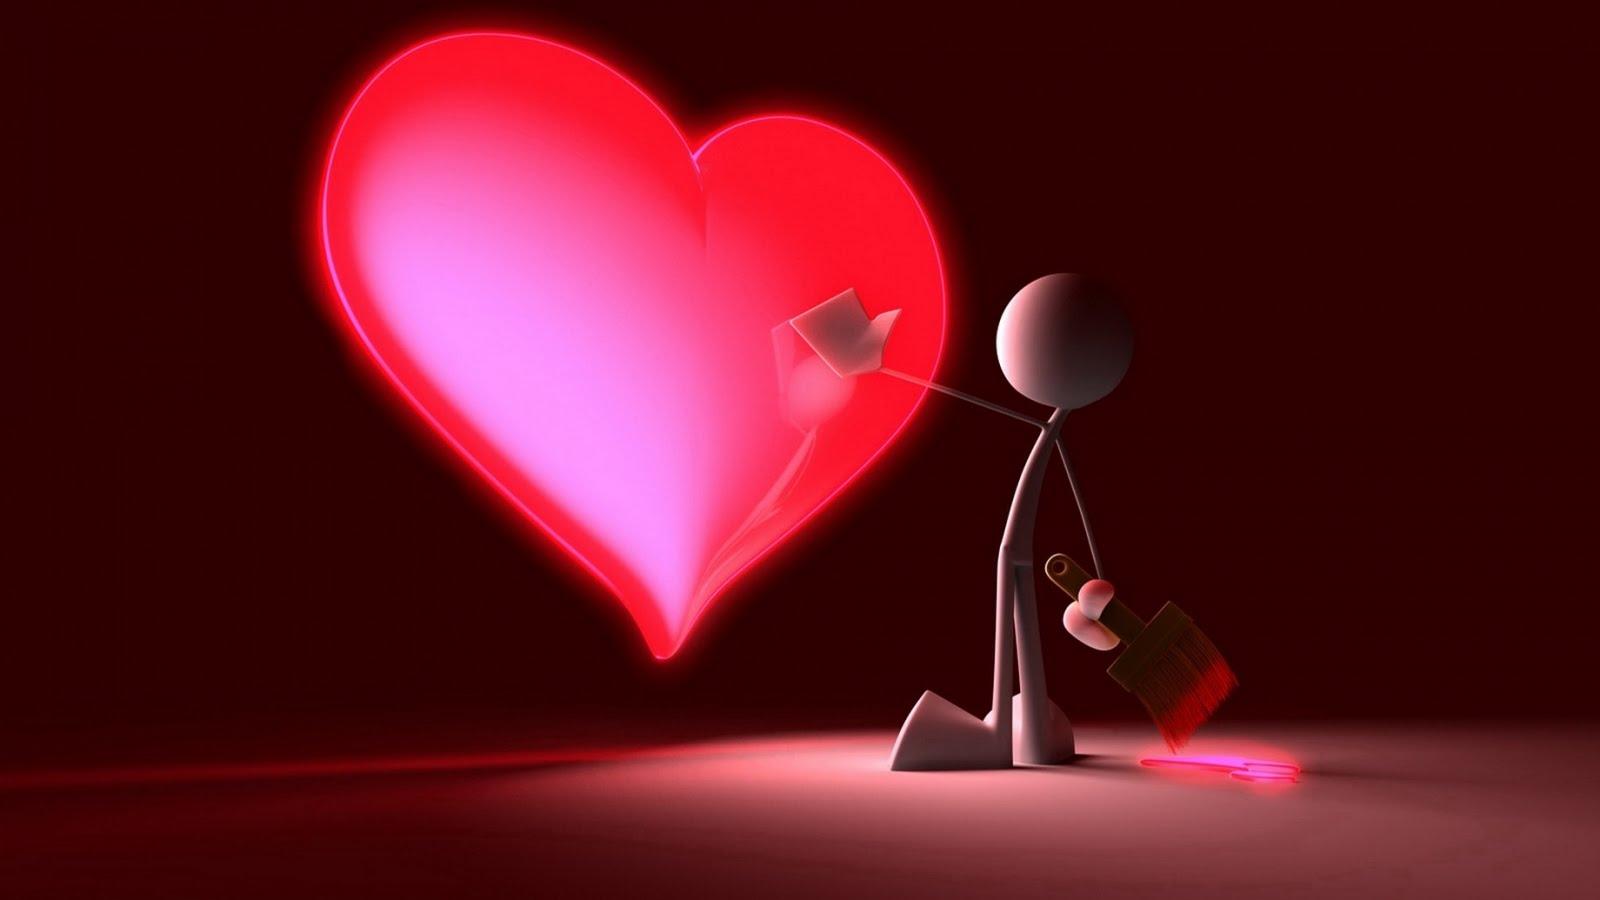 Lebe deine tr ume ich liebe dich bilder - Best heart wallpaper hd ...